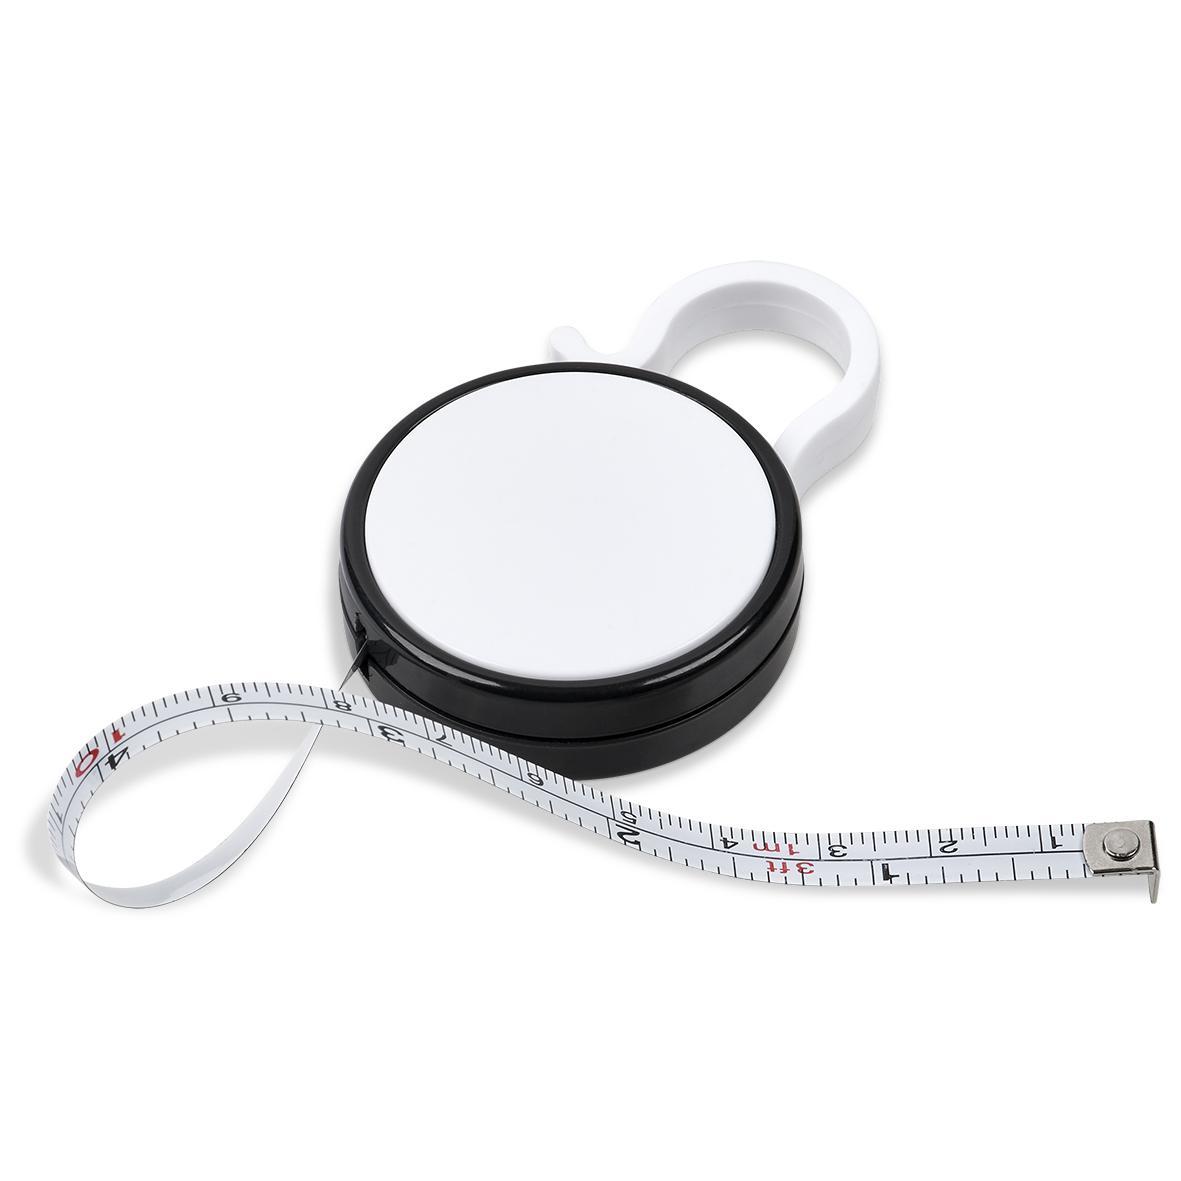 Alvaro Tape Measure